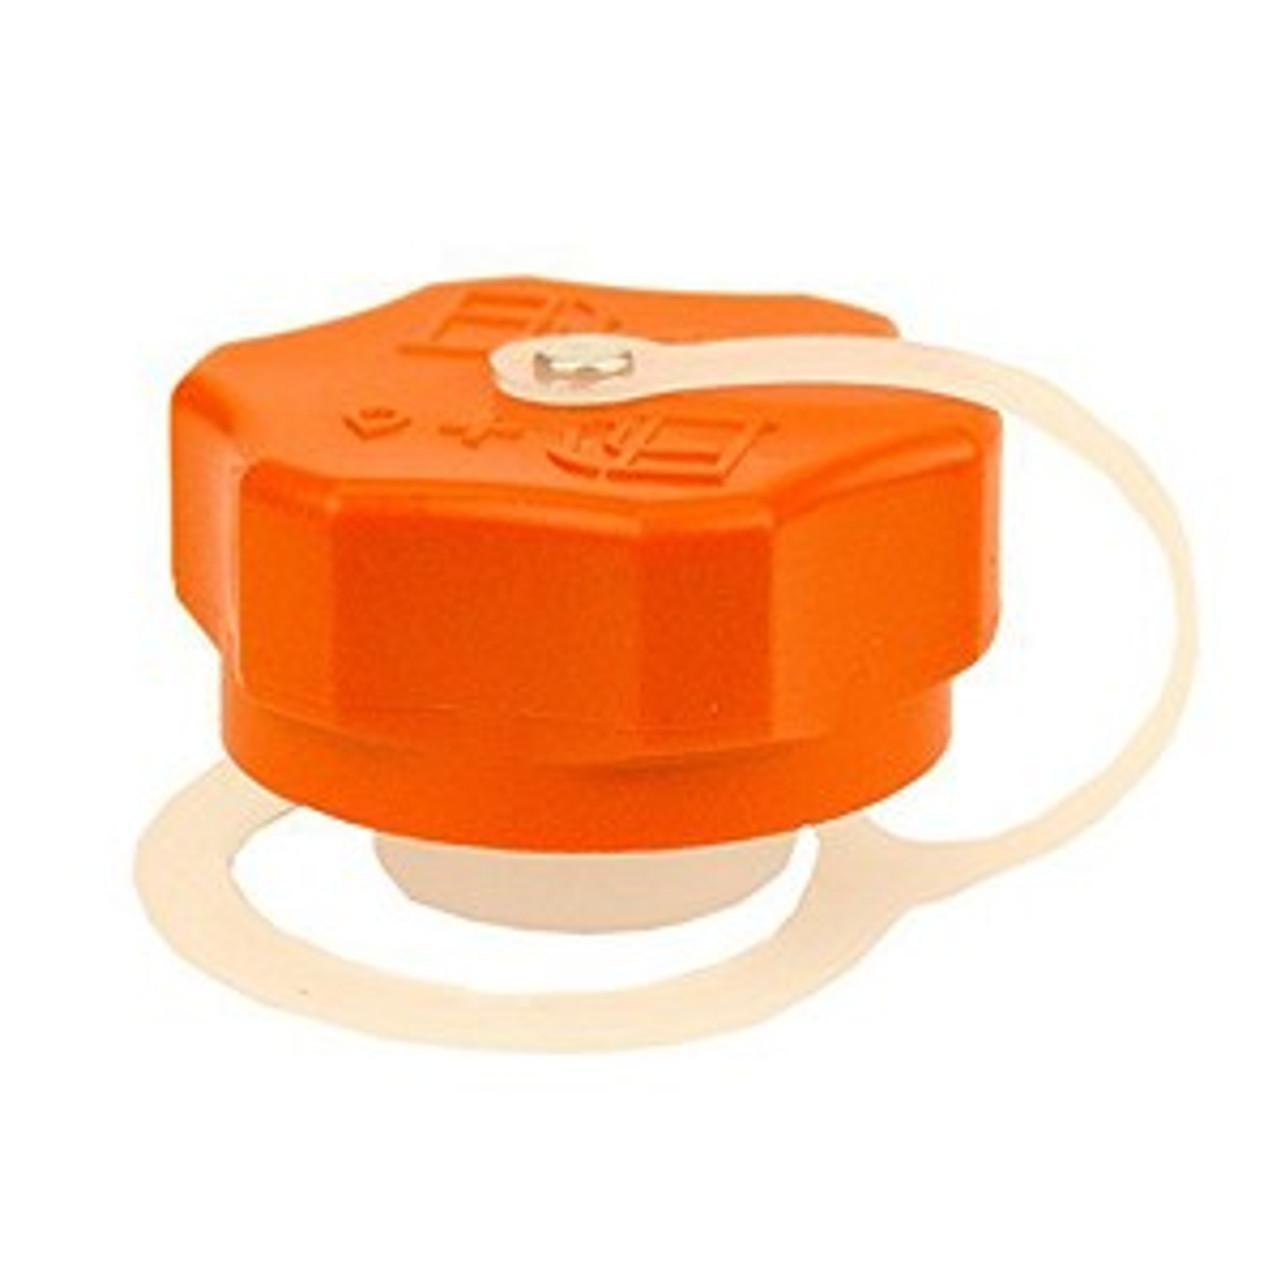 ECHO 13100406610A - FUEL CAP ASSY - Image 1